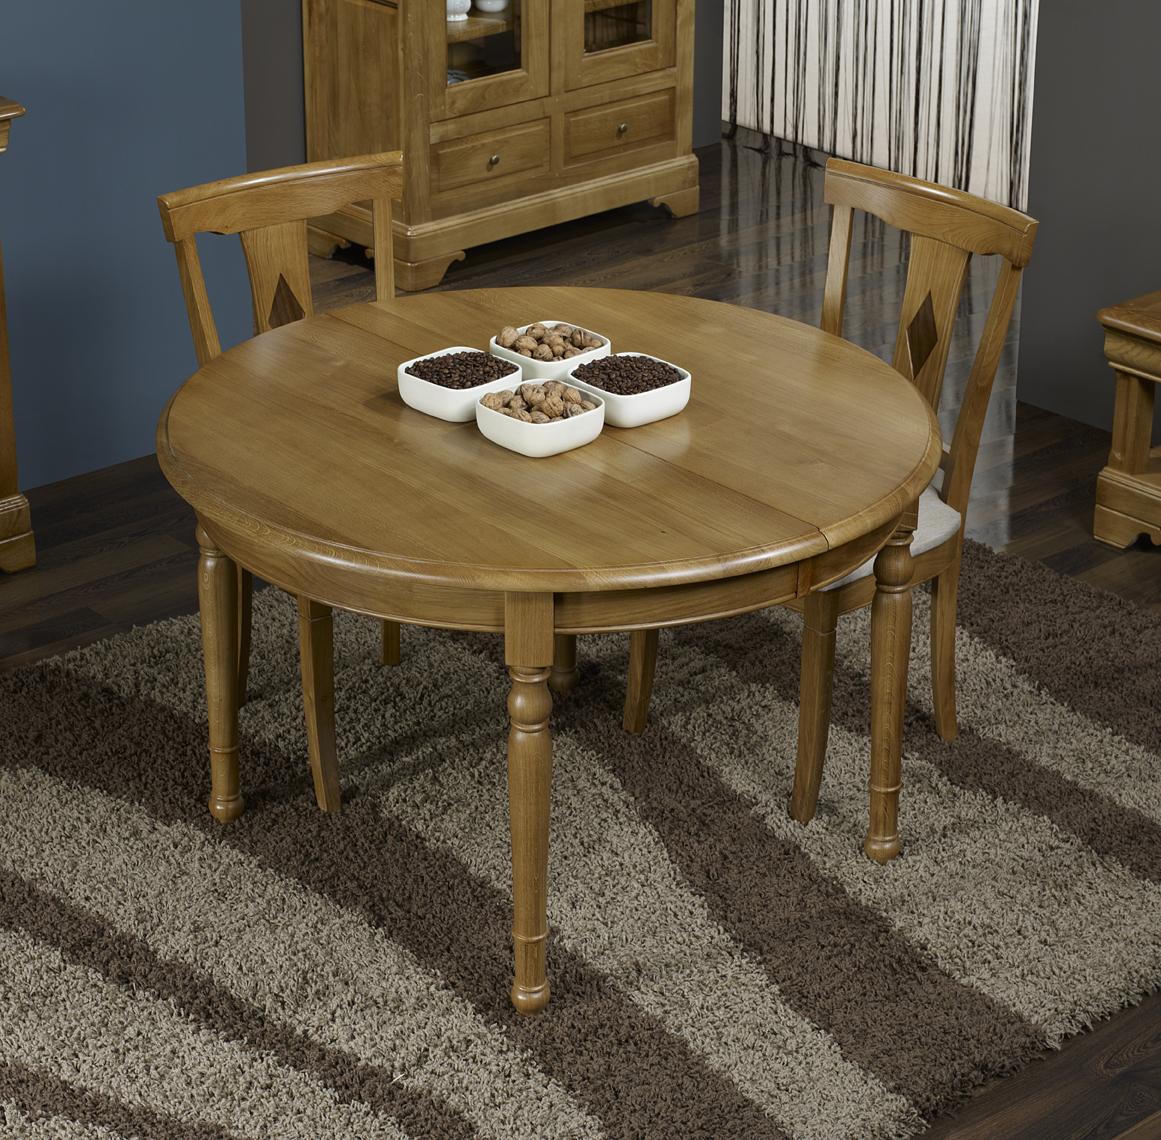 table ronde en ch ne massif de style louis philippe diametre 110 2 allonges de 40 cm meuble. Black Bedroom Furniture Sets. Home Design Ideas